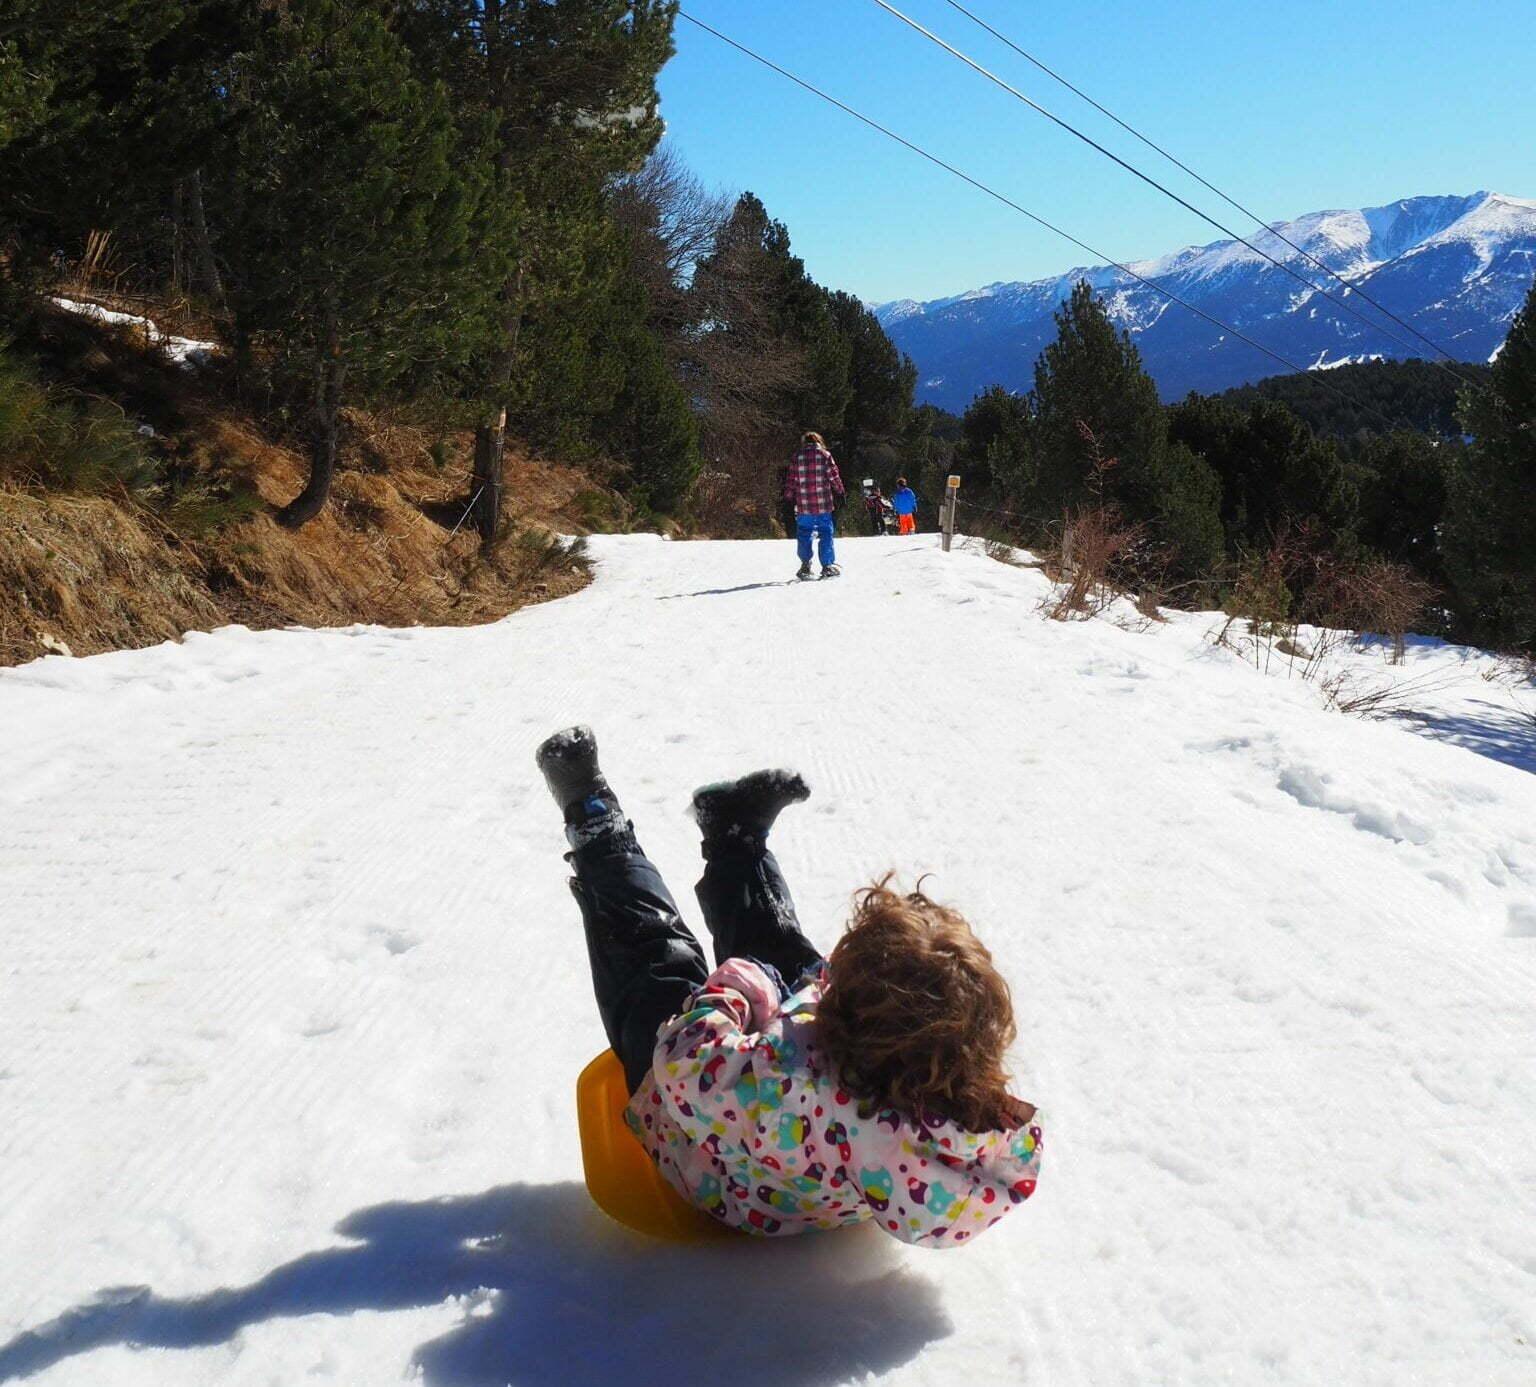 Plan de peques en la nieve: ¡Raquetas trineísticas! 1 ruta divertida + 10 consejos